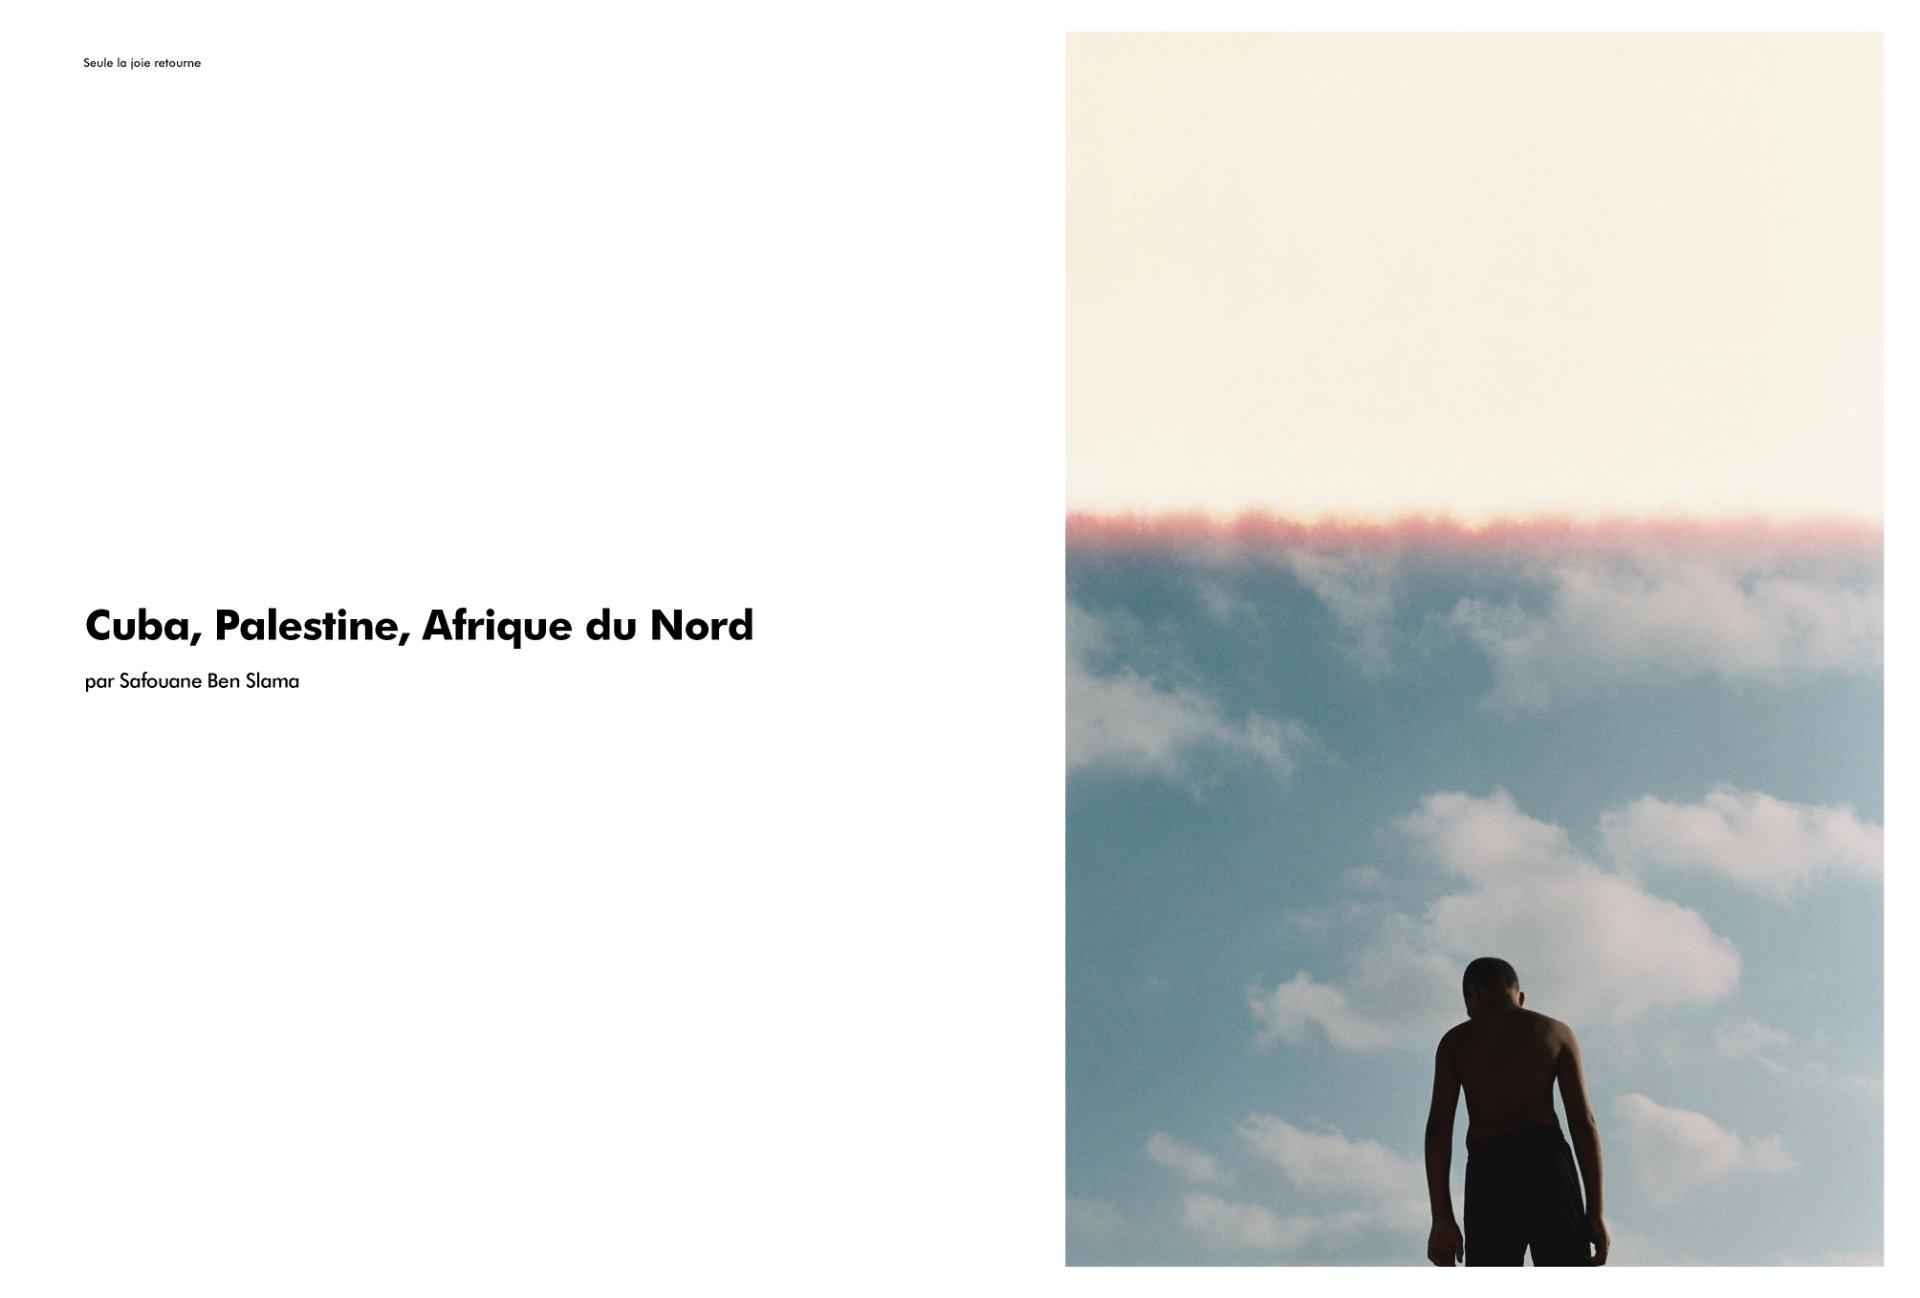 Cuba, Palestine, Afrique du Nord par Safouane Ben Slama (extrait)